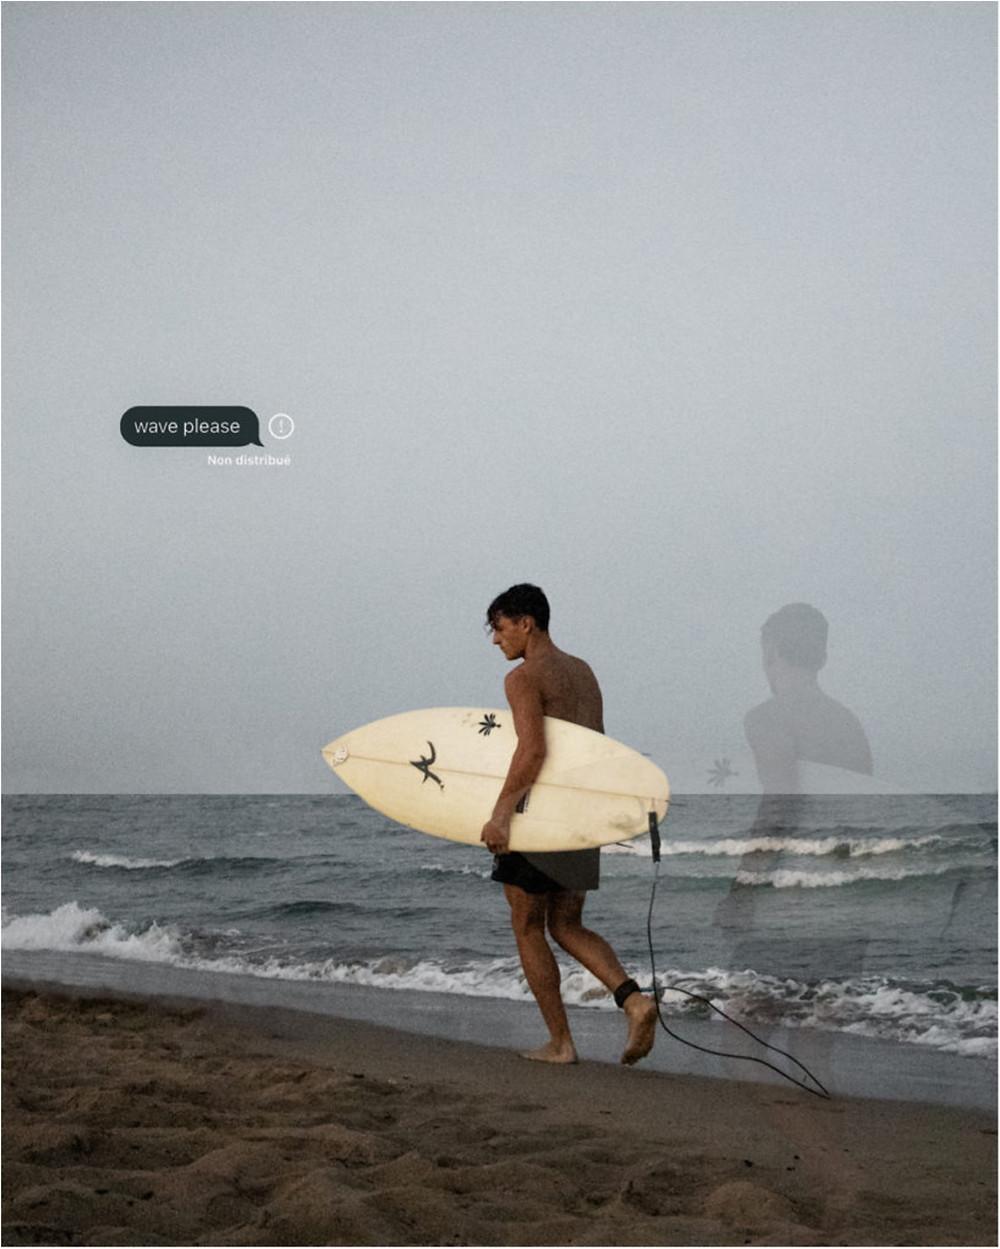 Surfeur au bord de l'eau attendant une vague